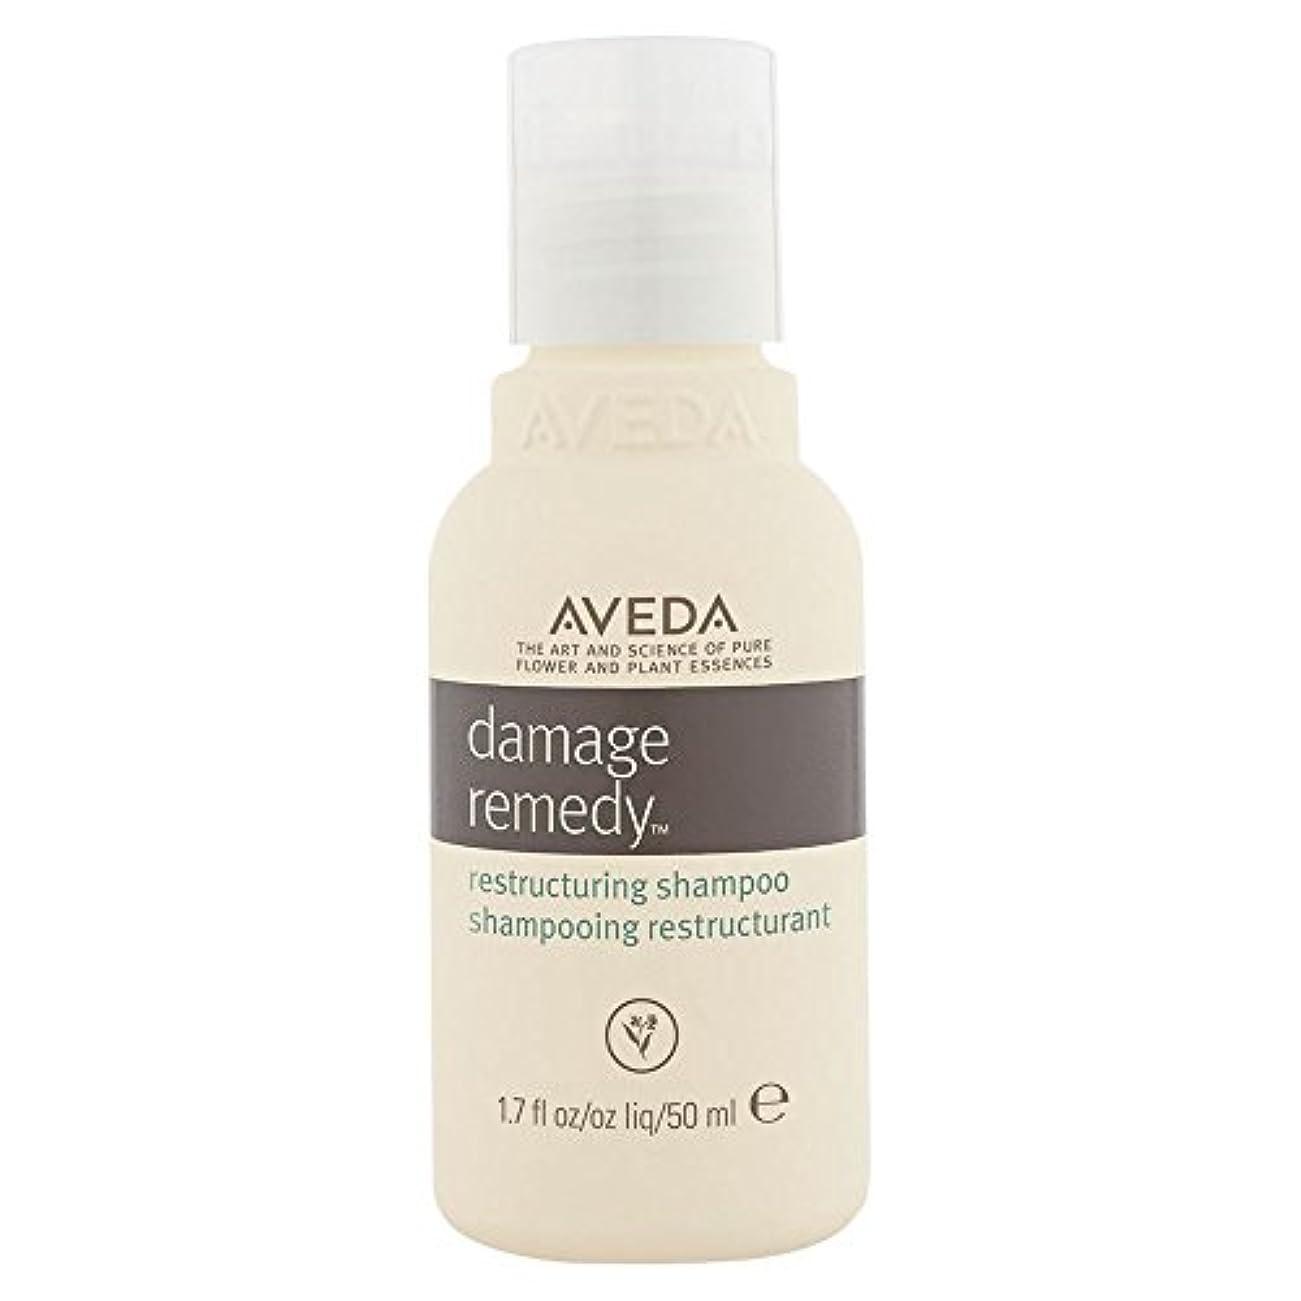 書道セール泥棒[AVEDA] アヴェダダメージ救済再編シャンプー - Aveda Damage Remedy Restructuring Shampoo [並行輸入品]